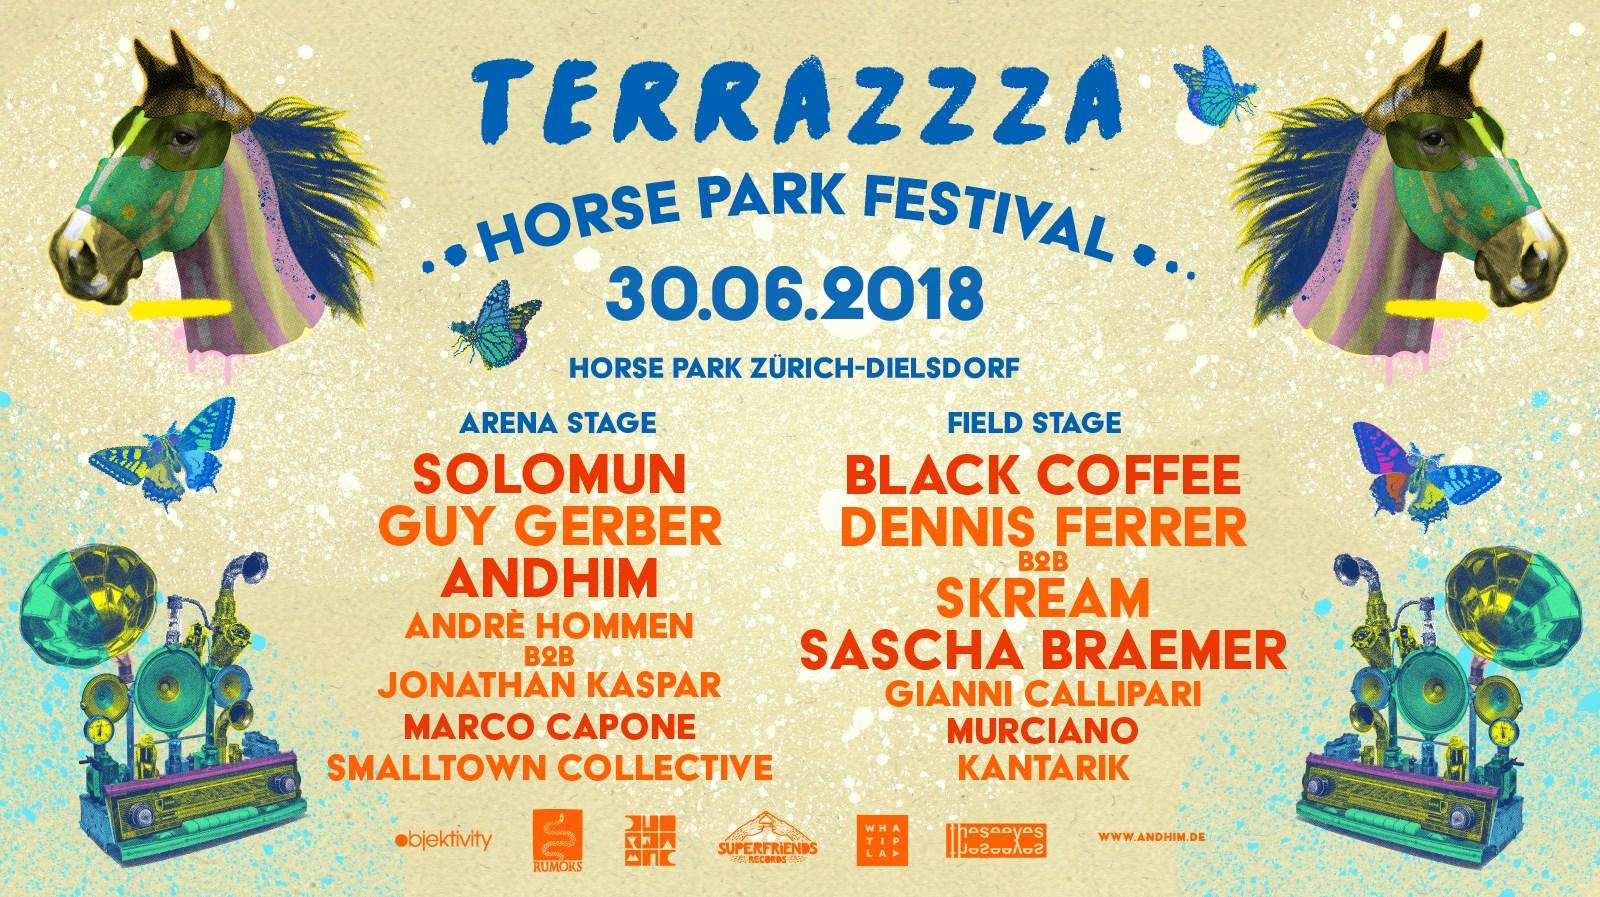 Terrazzza Horse Park Festival